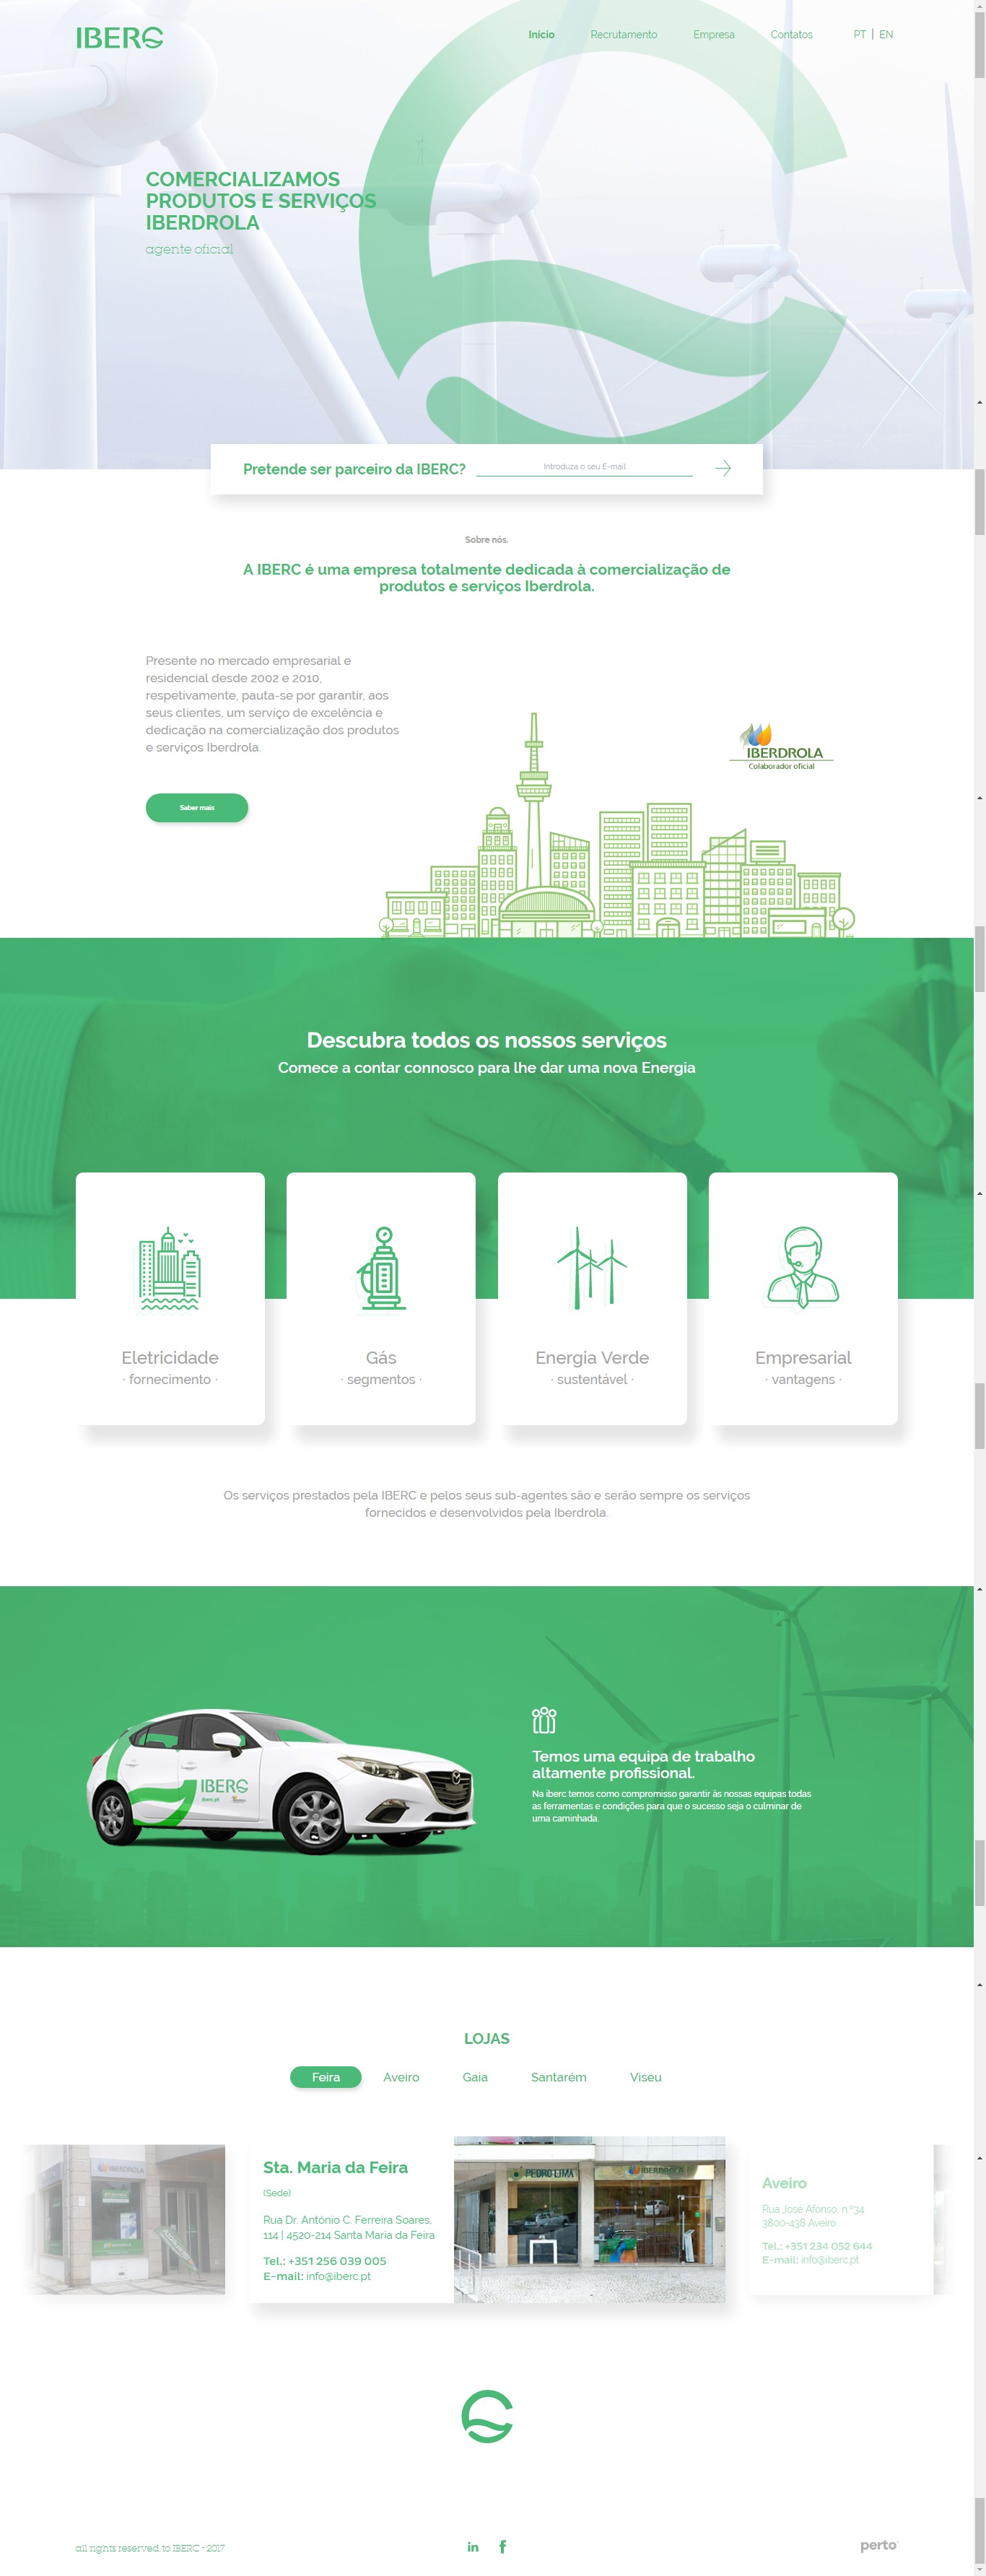 HTML CSS PHP Информационный сайт маркетингового агентства (Португалия)